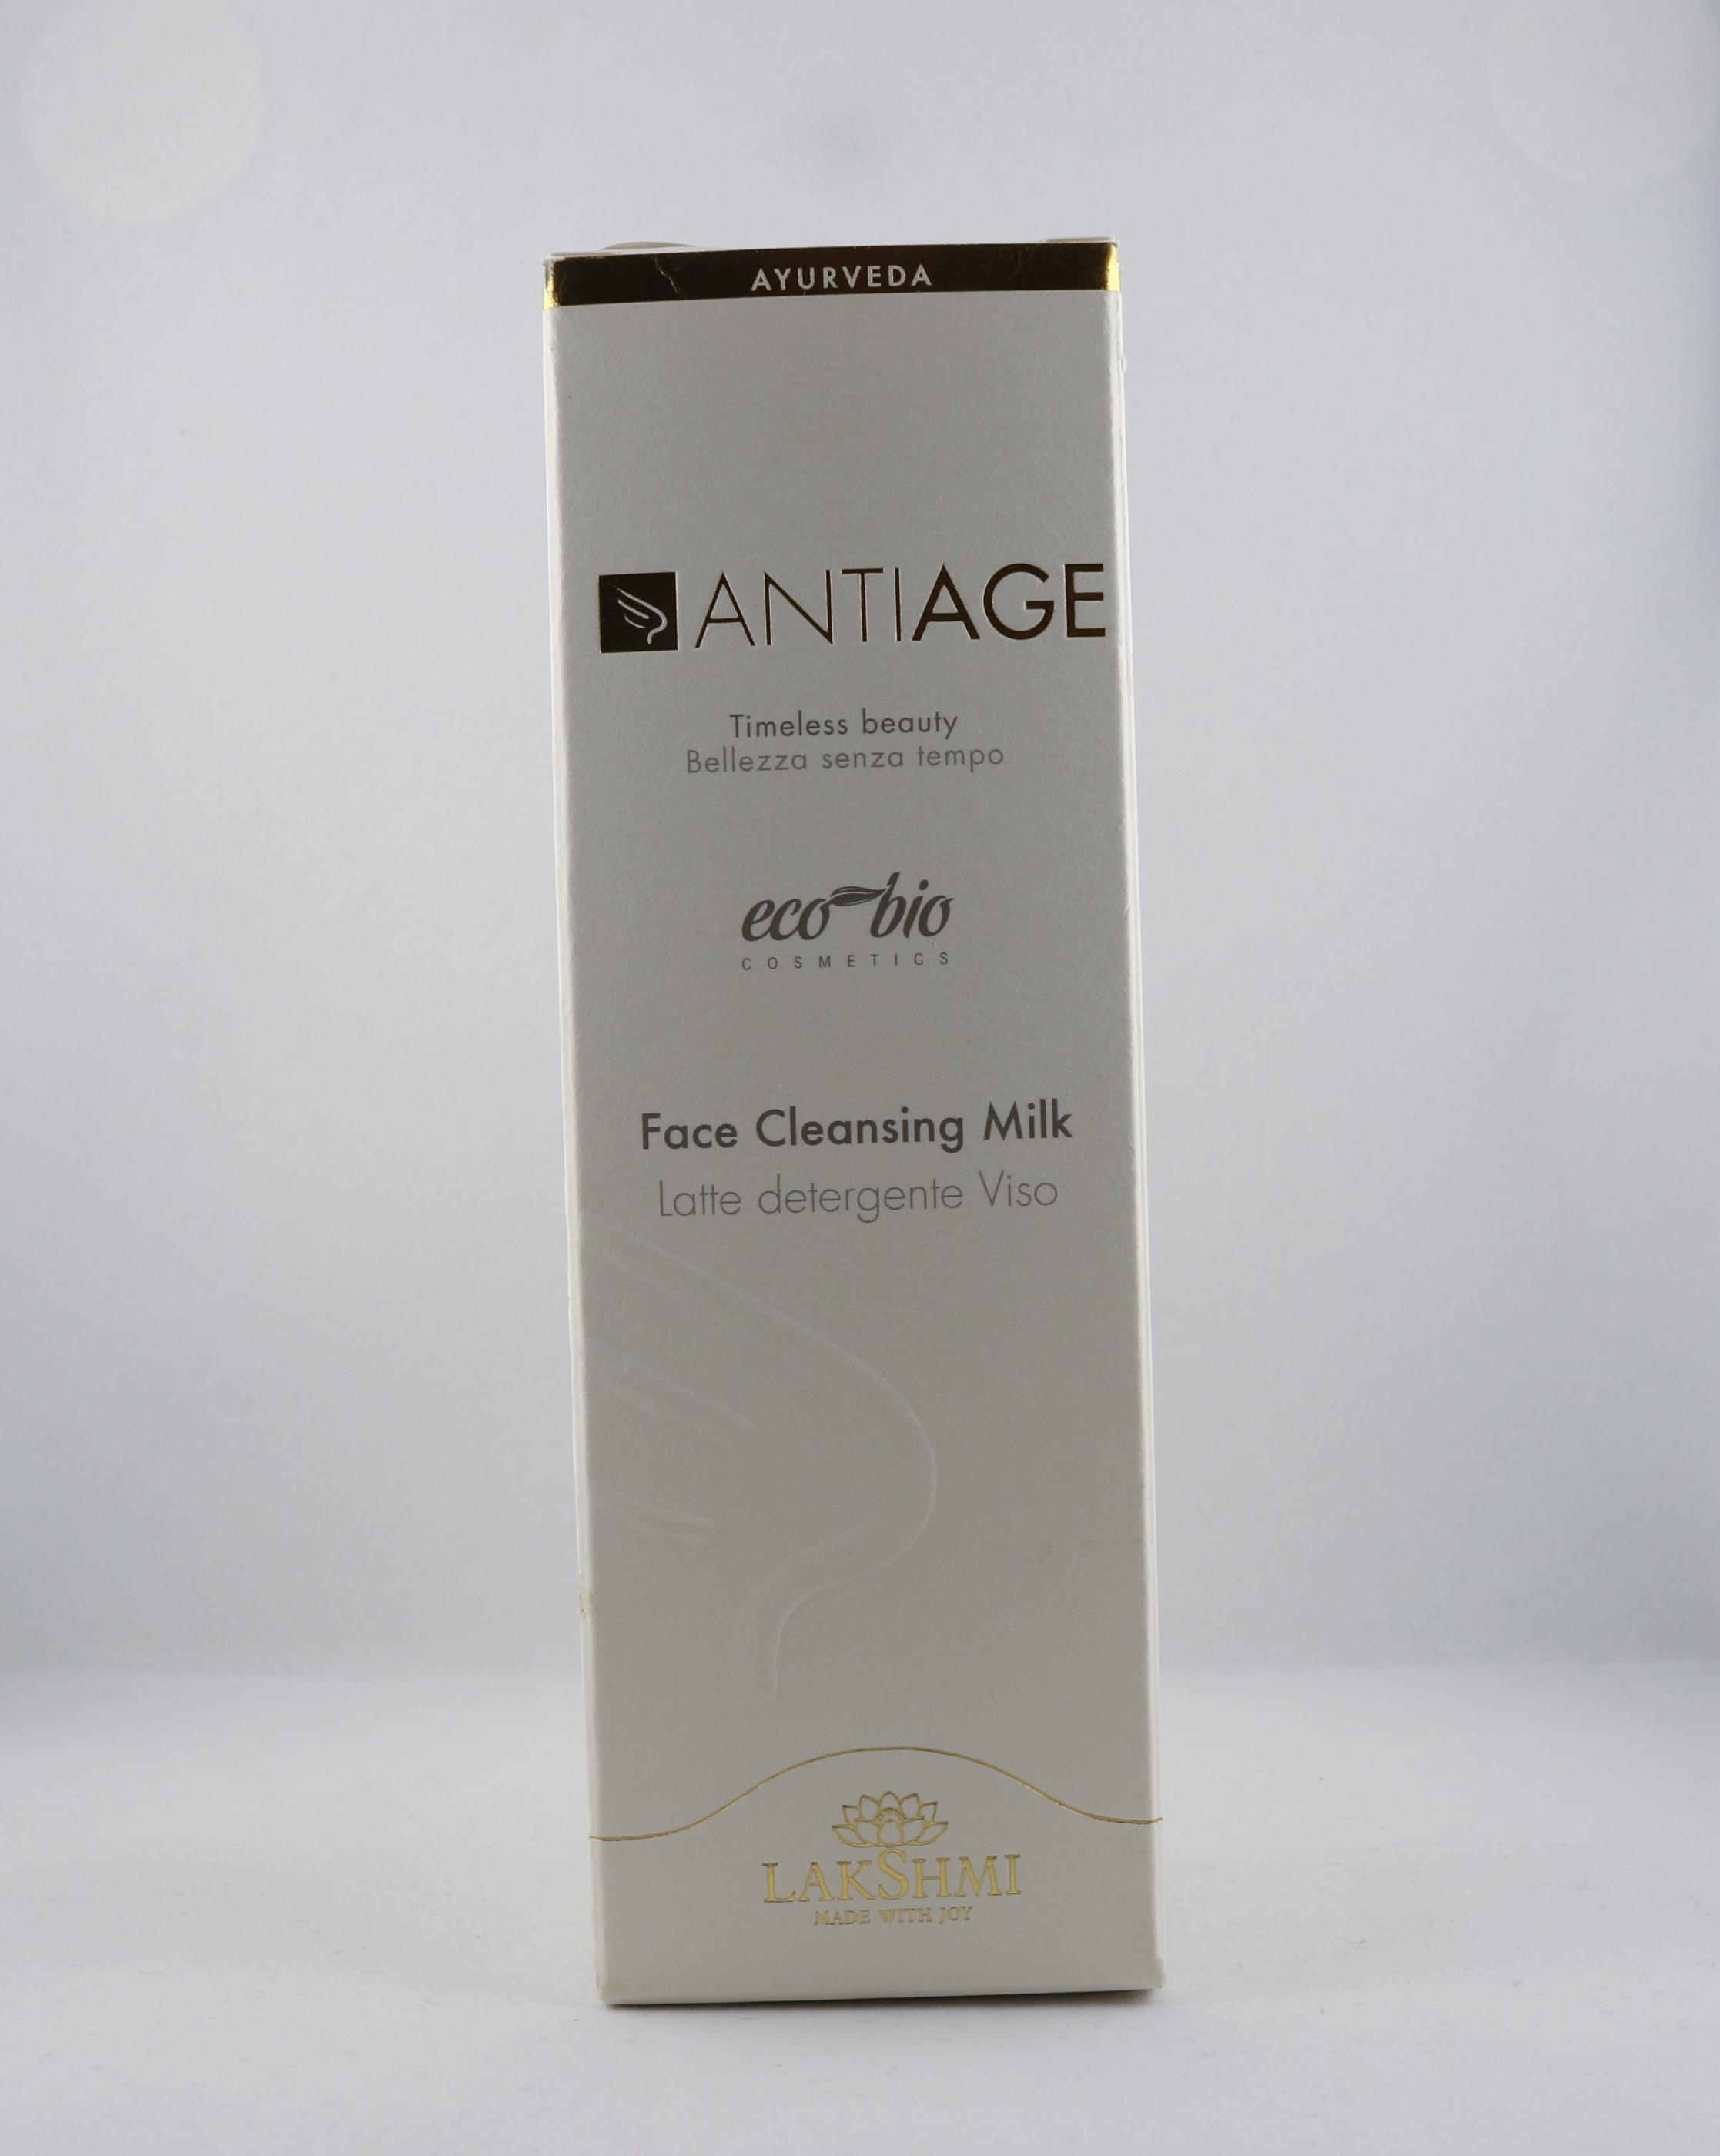 Anti-Age Face Cleansing Milk hudvårdsprodukt hudvårdstyp alternativ hälsa wellness ayurveda för män